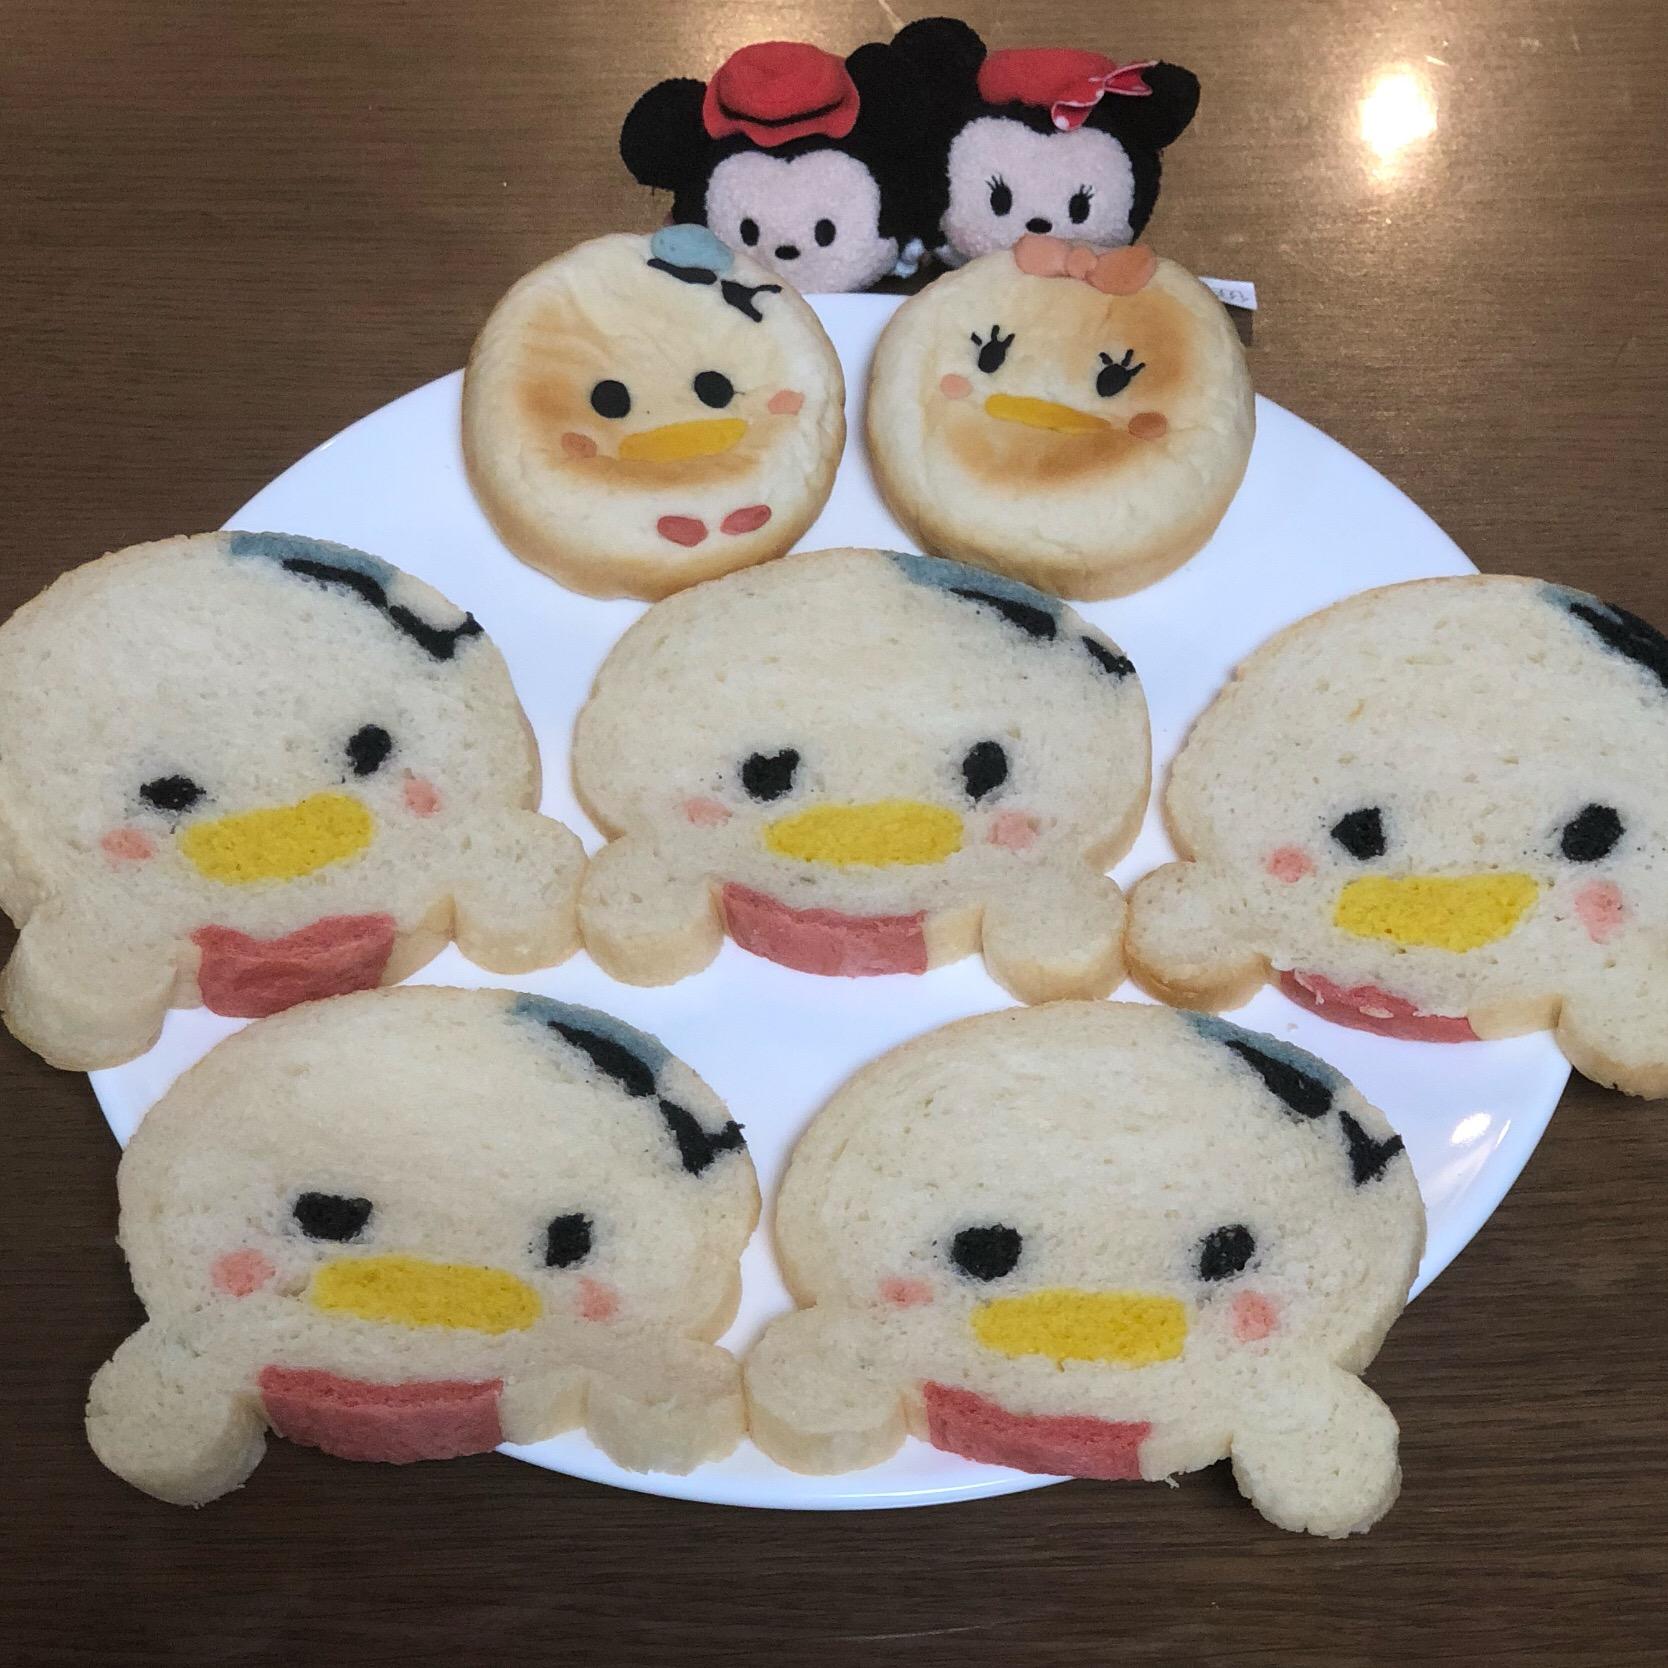 ドナルド誕生日おめでとうツムツムドナルドのイラストパンとあんパン